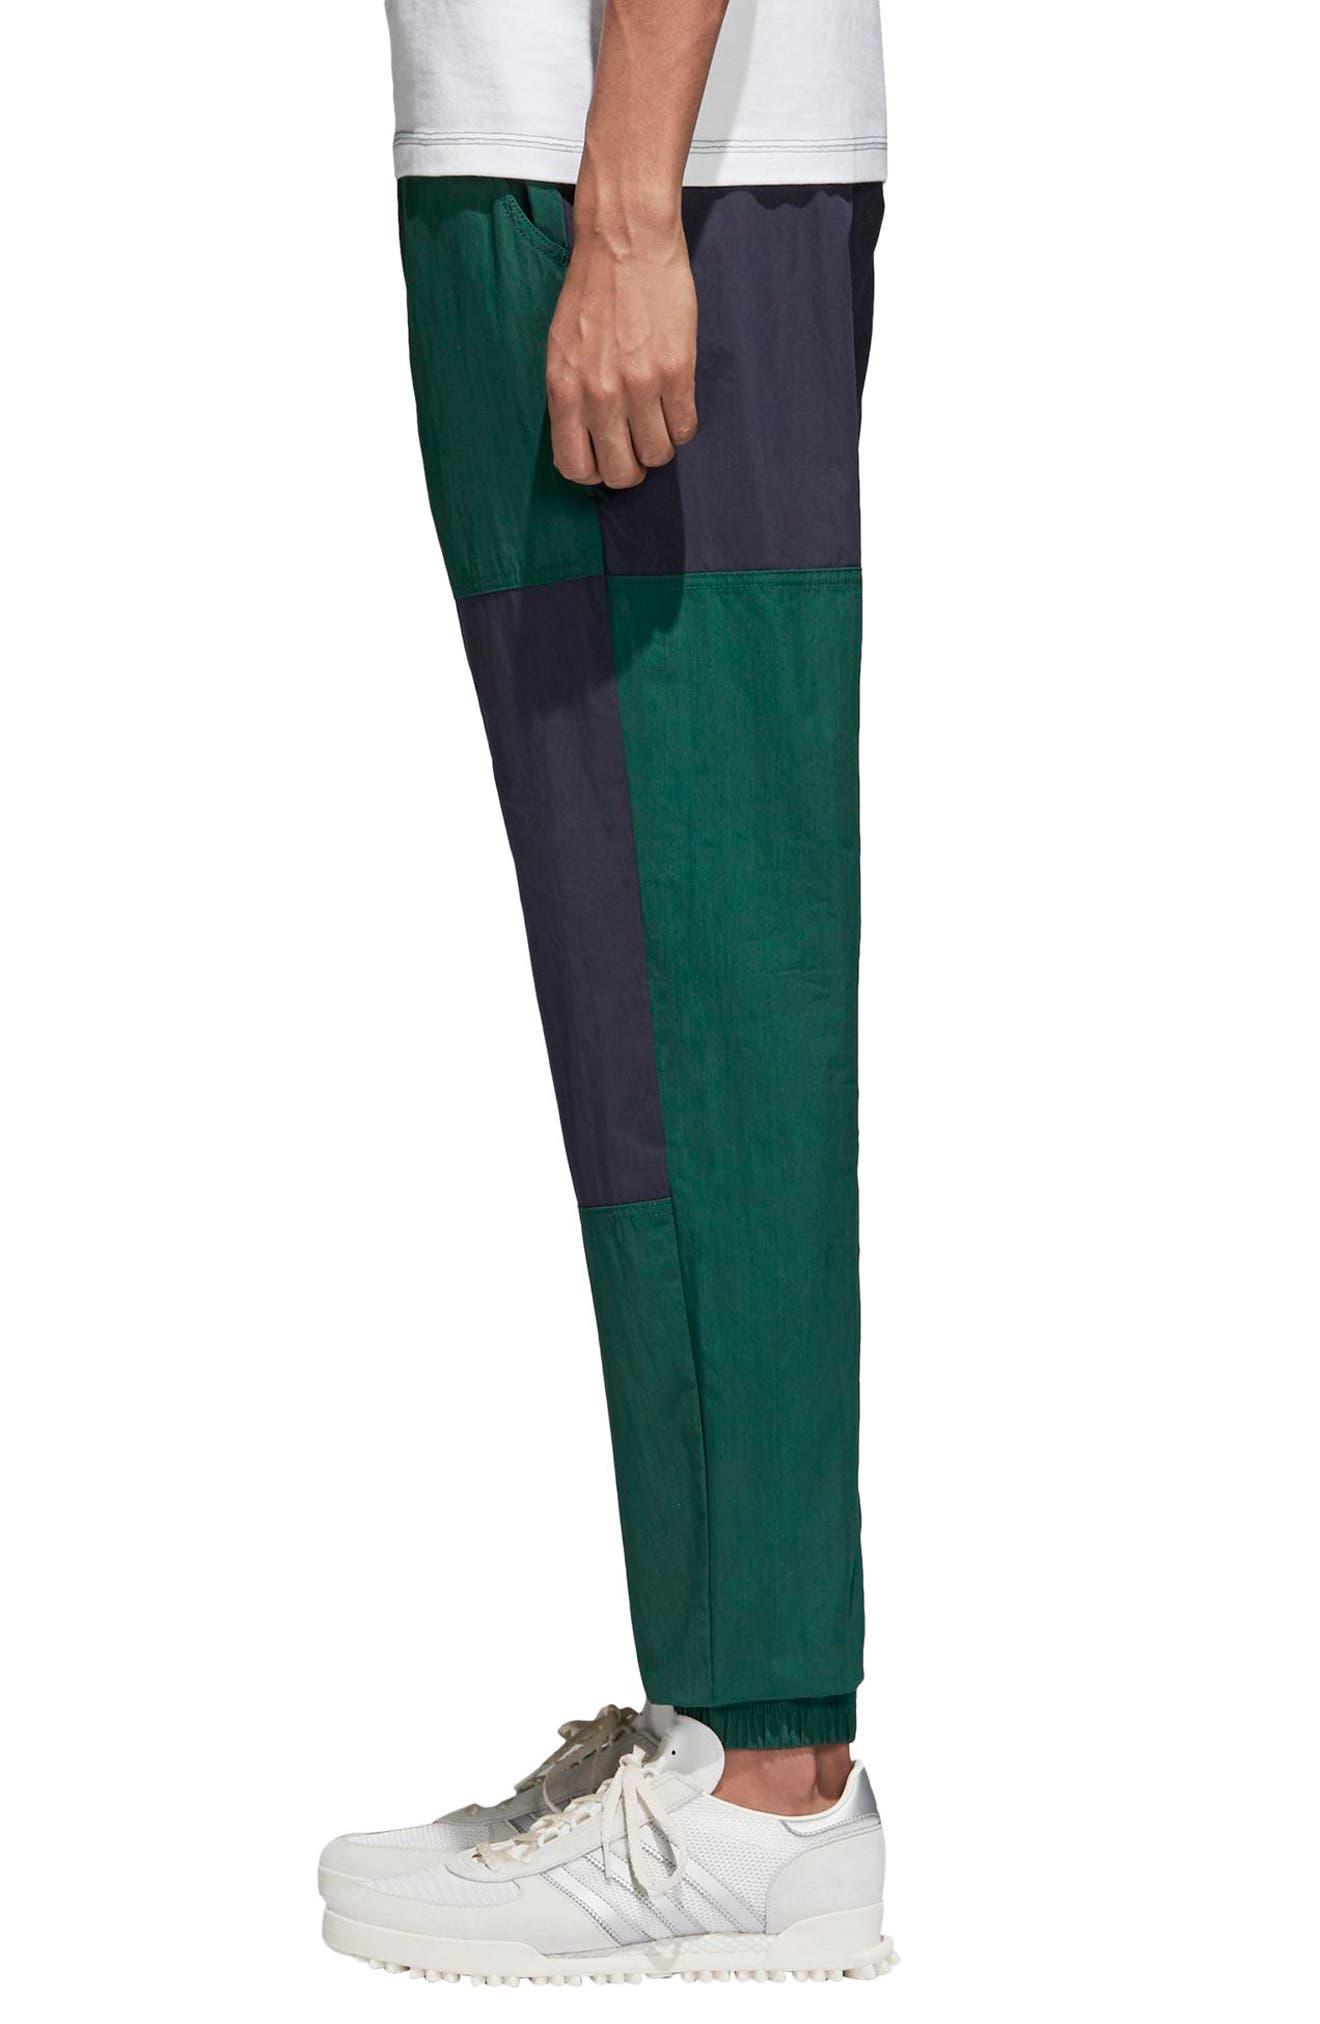 Atric Slim Fit Pants,                             Alternate thumbnail 3, color,                             Collegiate Green